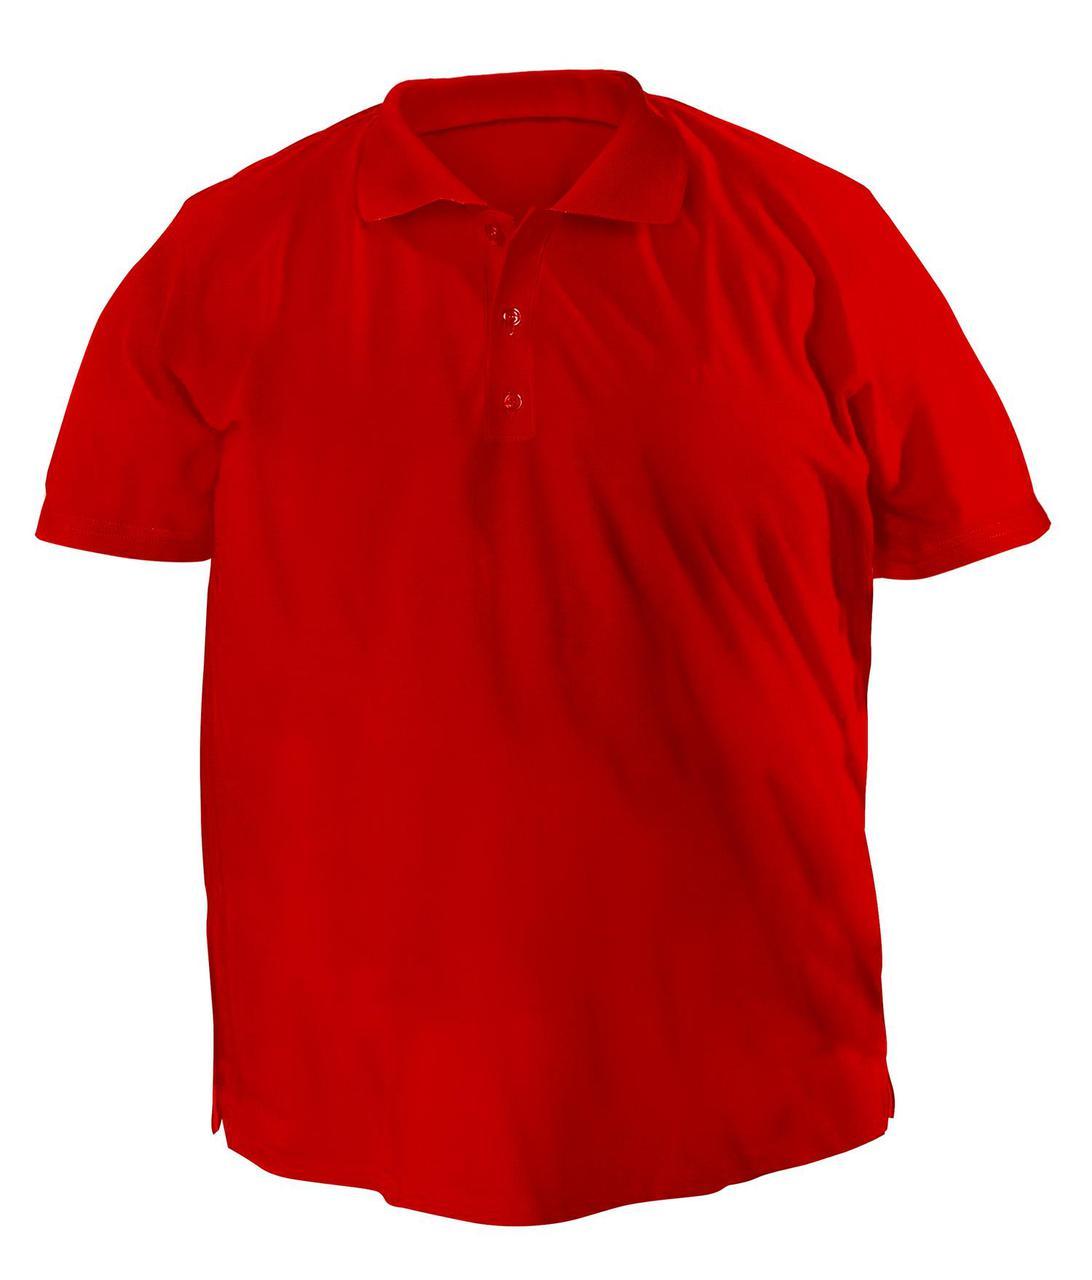 Футболка Polo великих розмірів - 7019 червоний